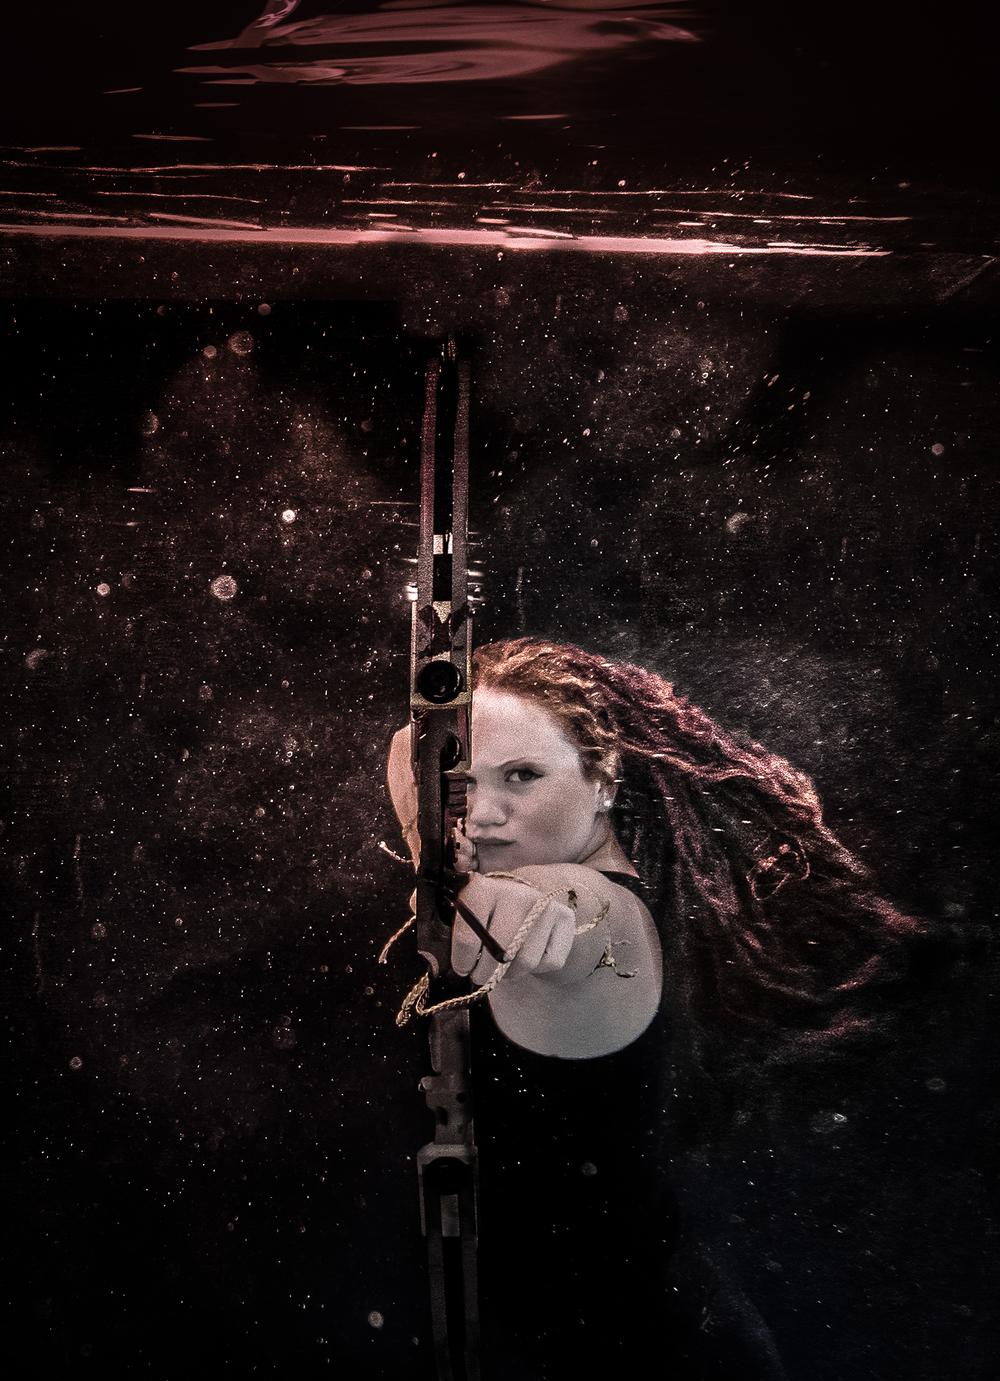 JTAqua_Underwater_Archer_2016-.jpg